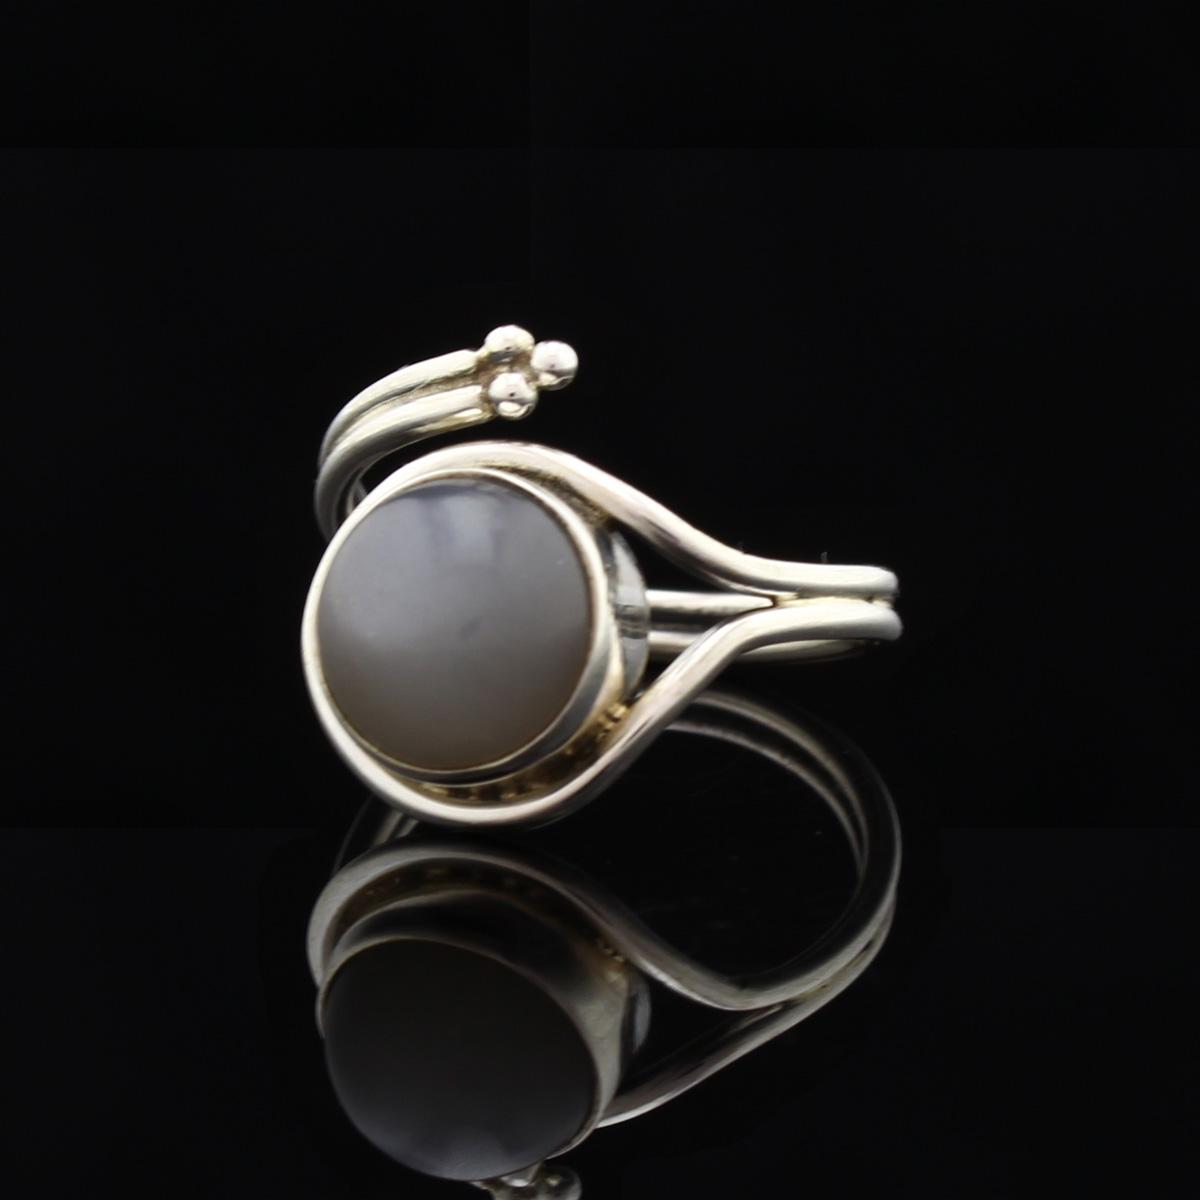 Кольцо, серебро, натуральный камень, Кошачий гла, 4,26 г, проба 875, размер 18